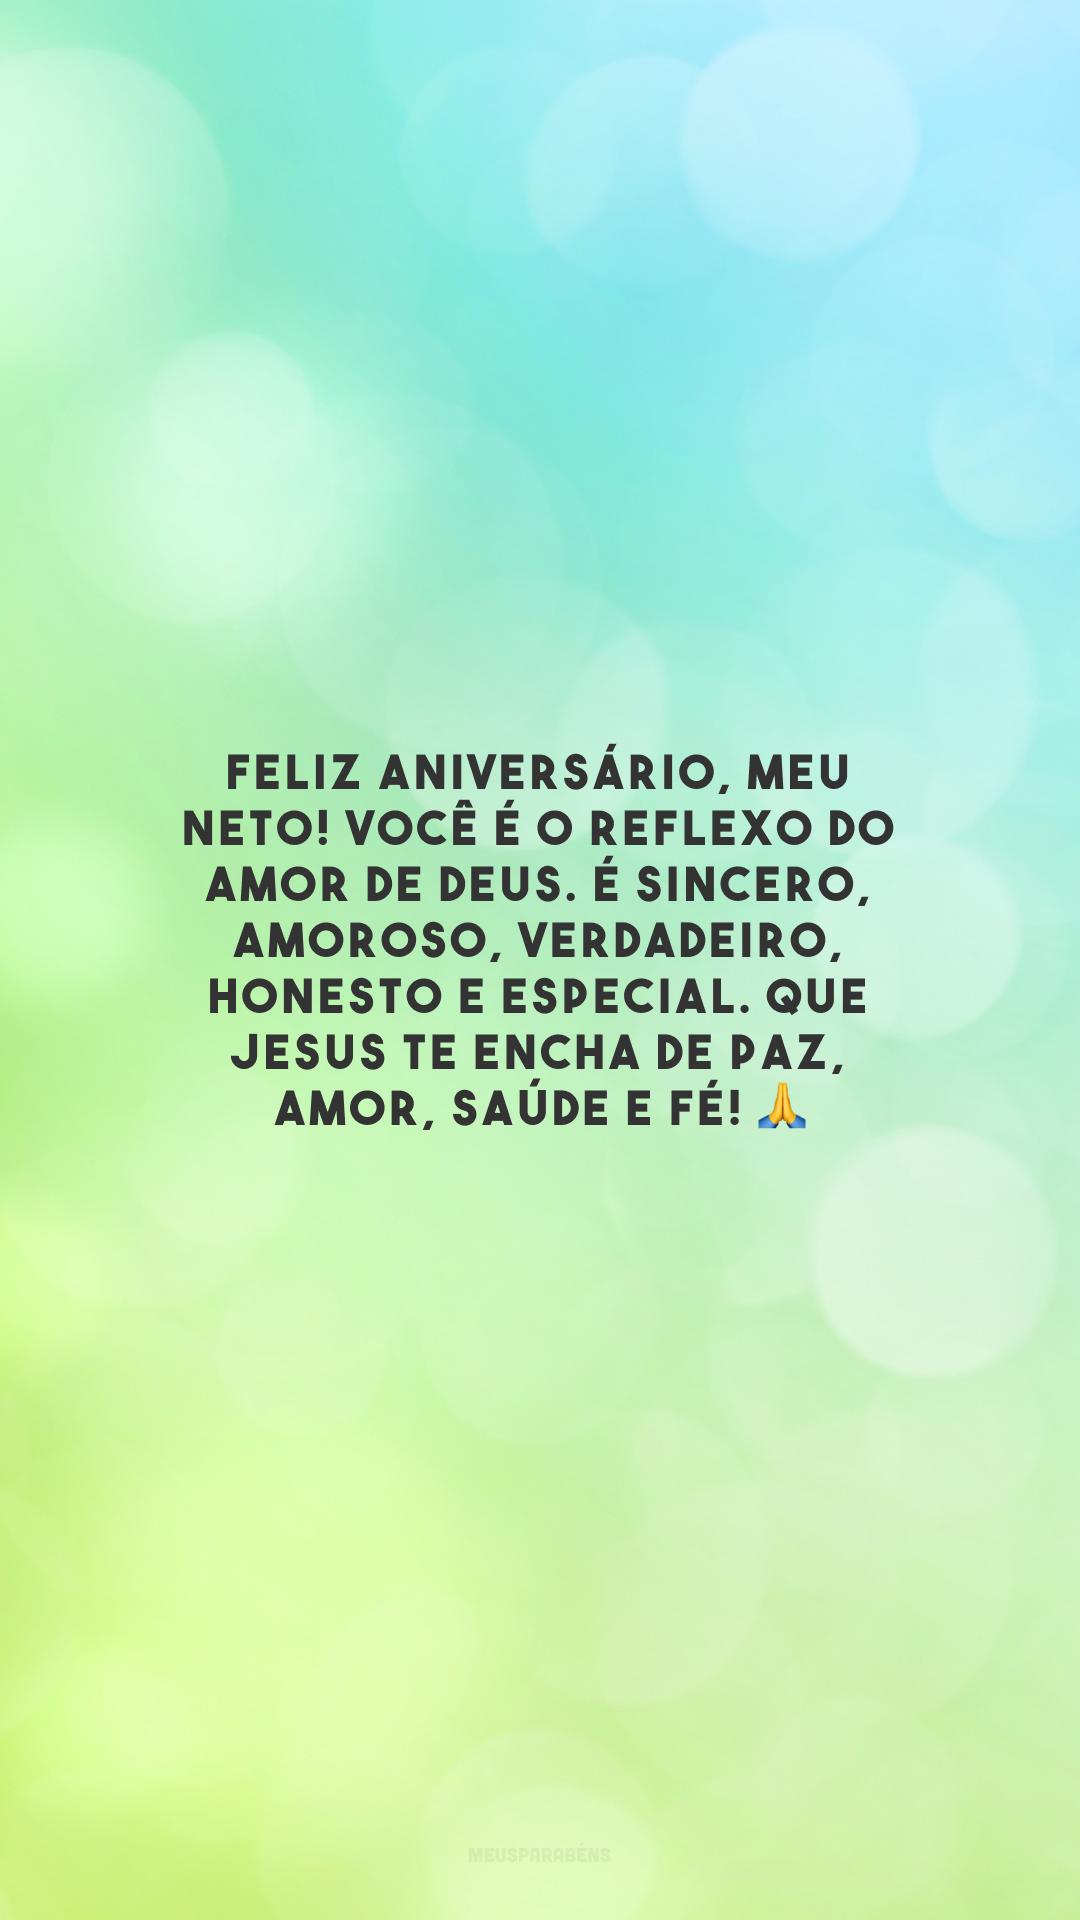 Feliz aniversário, meu neto! Você é o reflexo do amor de Deus. É sincero, amoroso, verdadeiro, honesto e especial. Que Jesus te encha de paz, amor, saúde e fé! 🙏